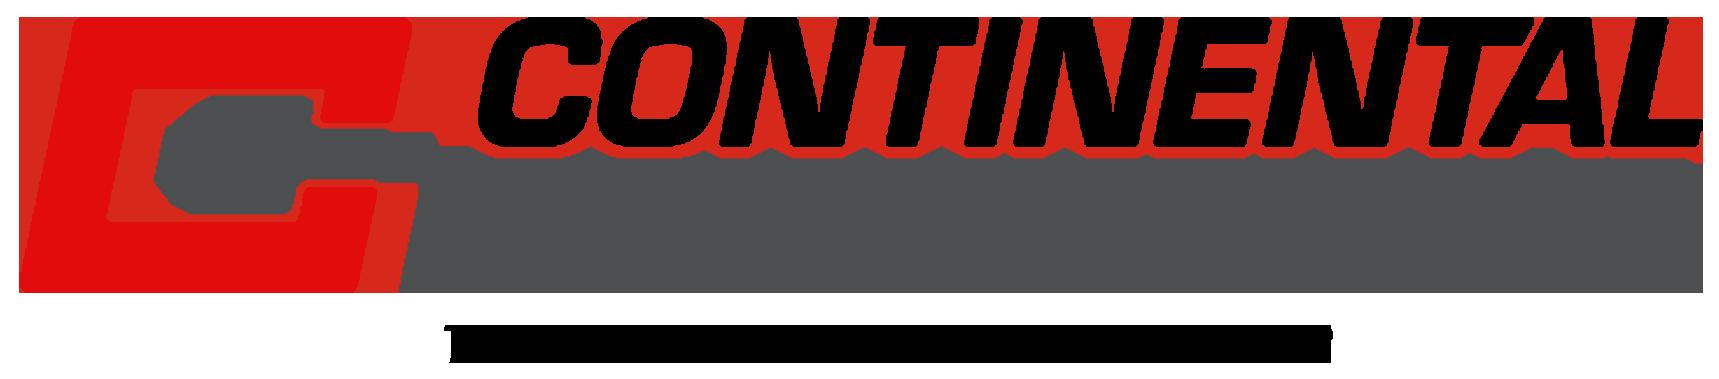 ROB279-78201-13